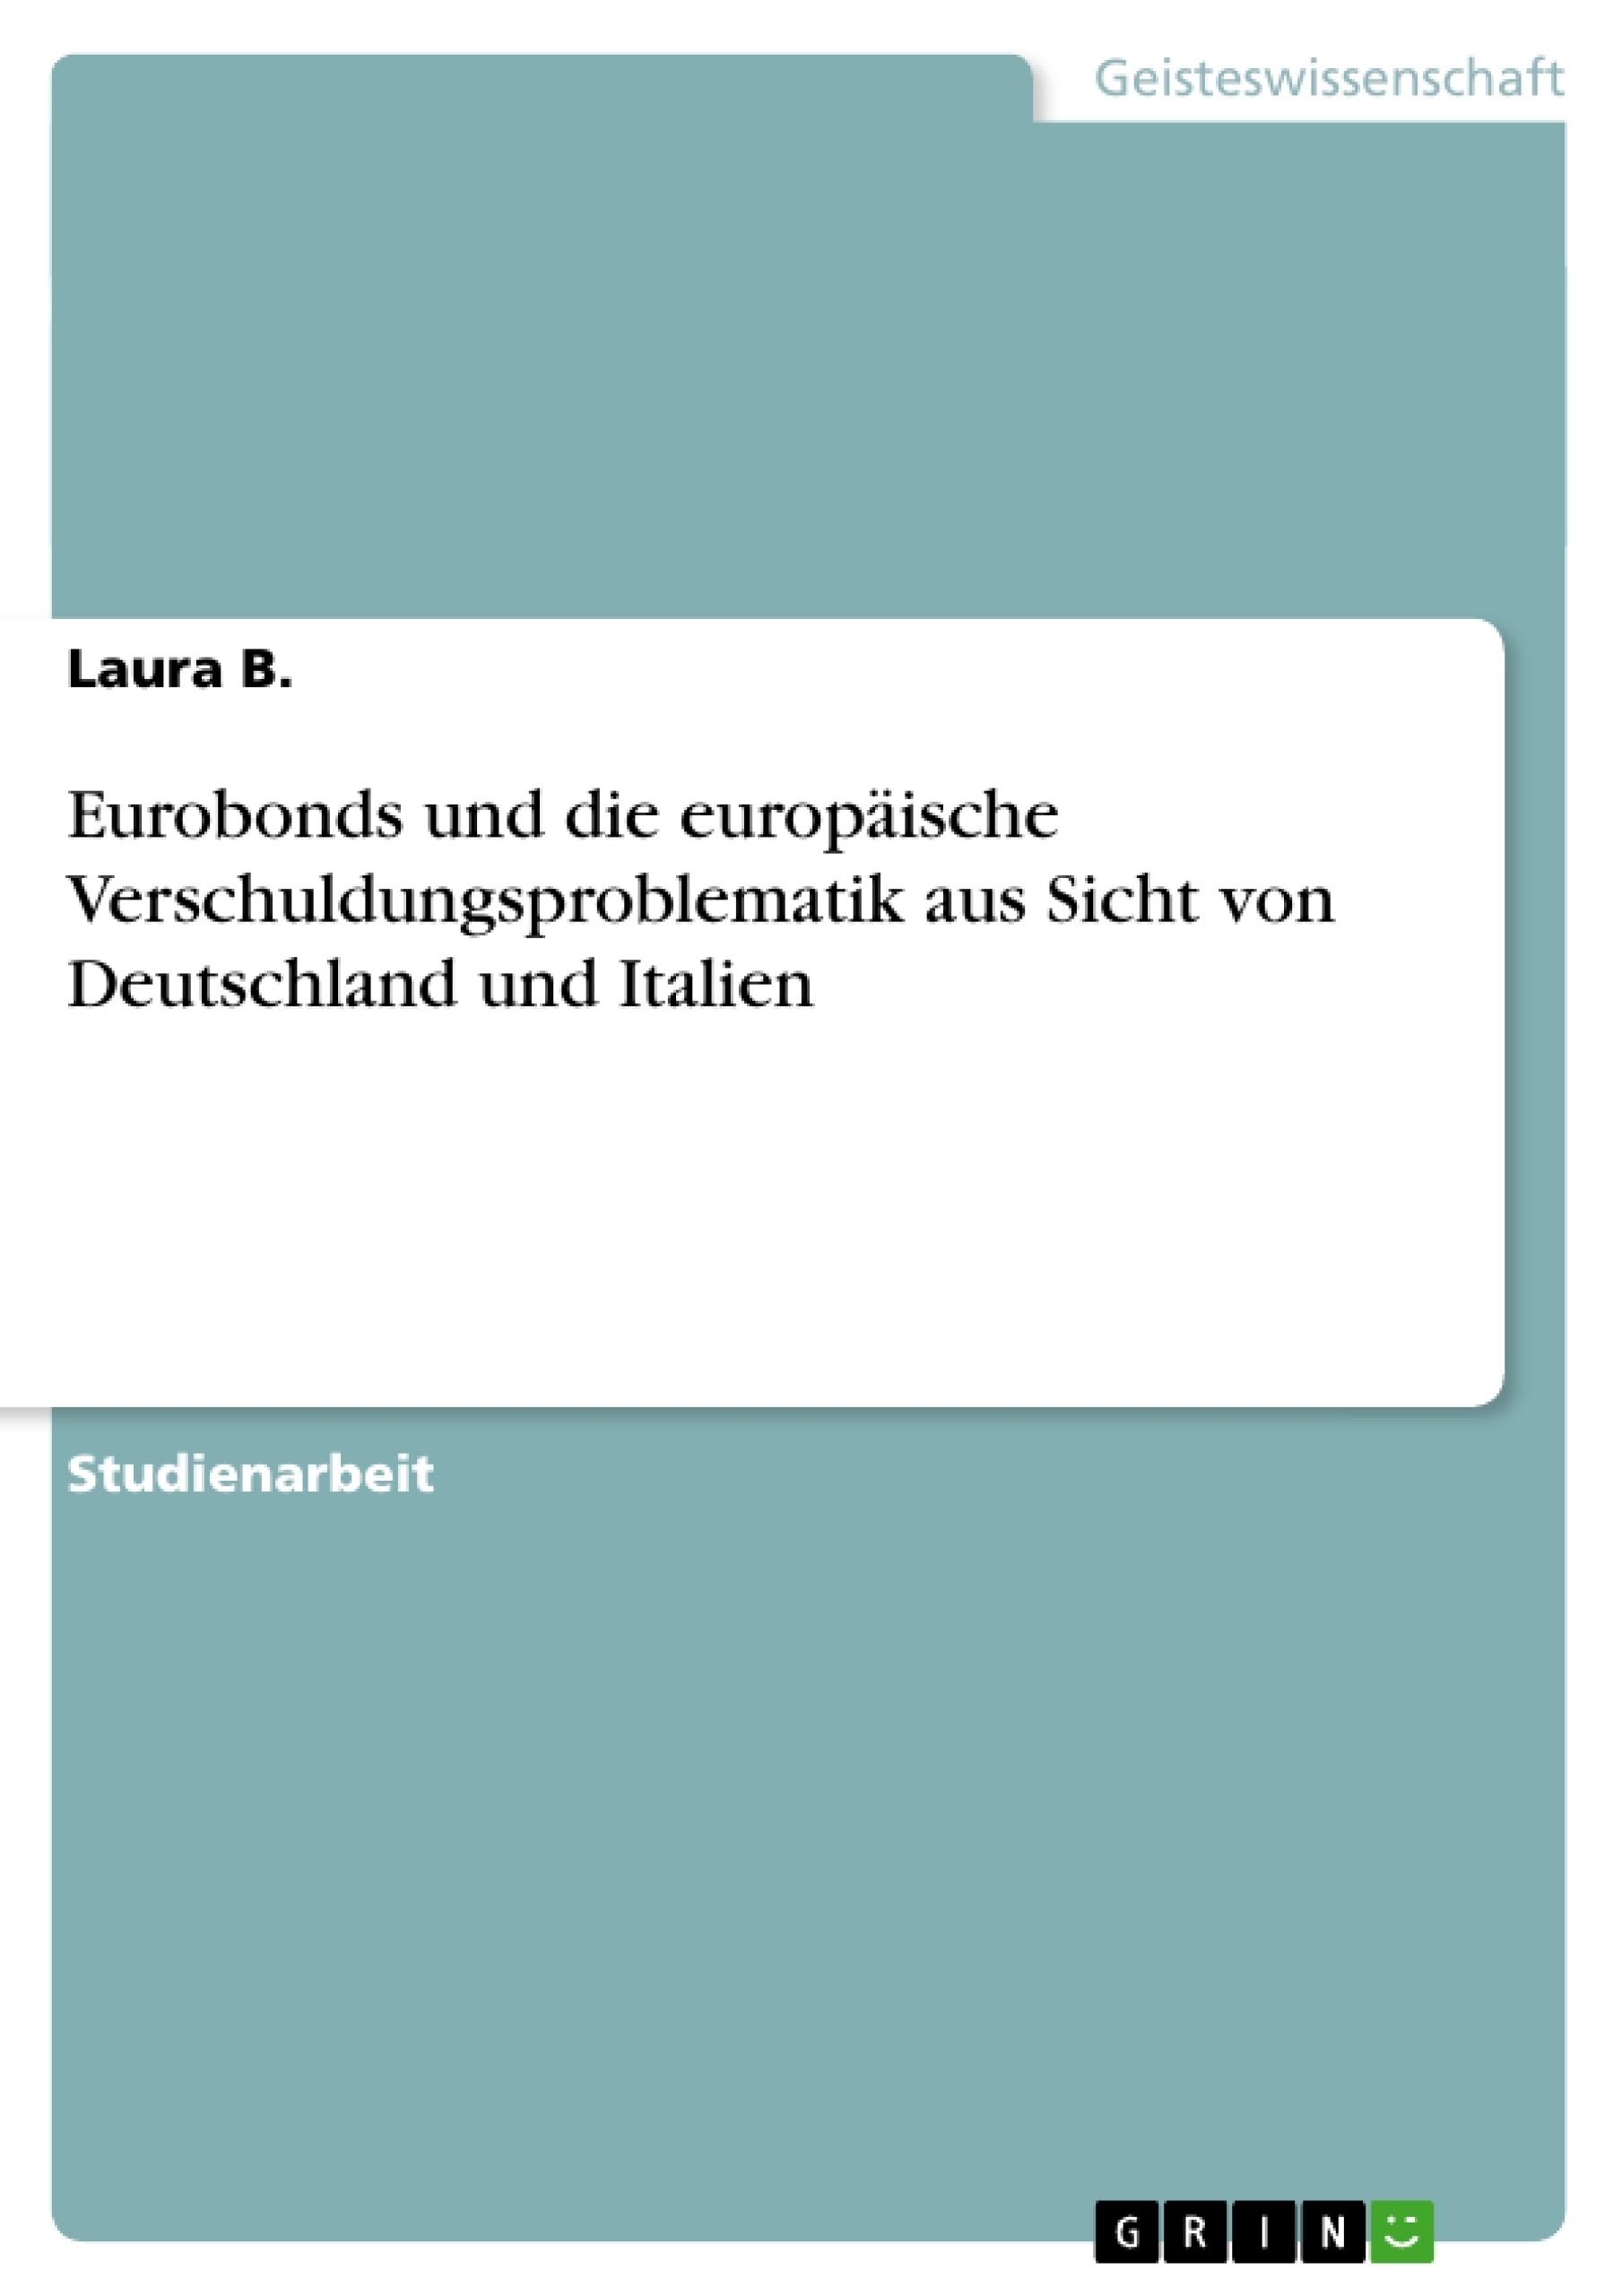 Titel: Eurobonds und die europäische Verschuldungsproblematik aus Sicht von Deutschland und Italien